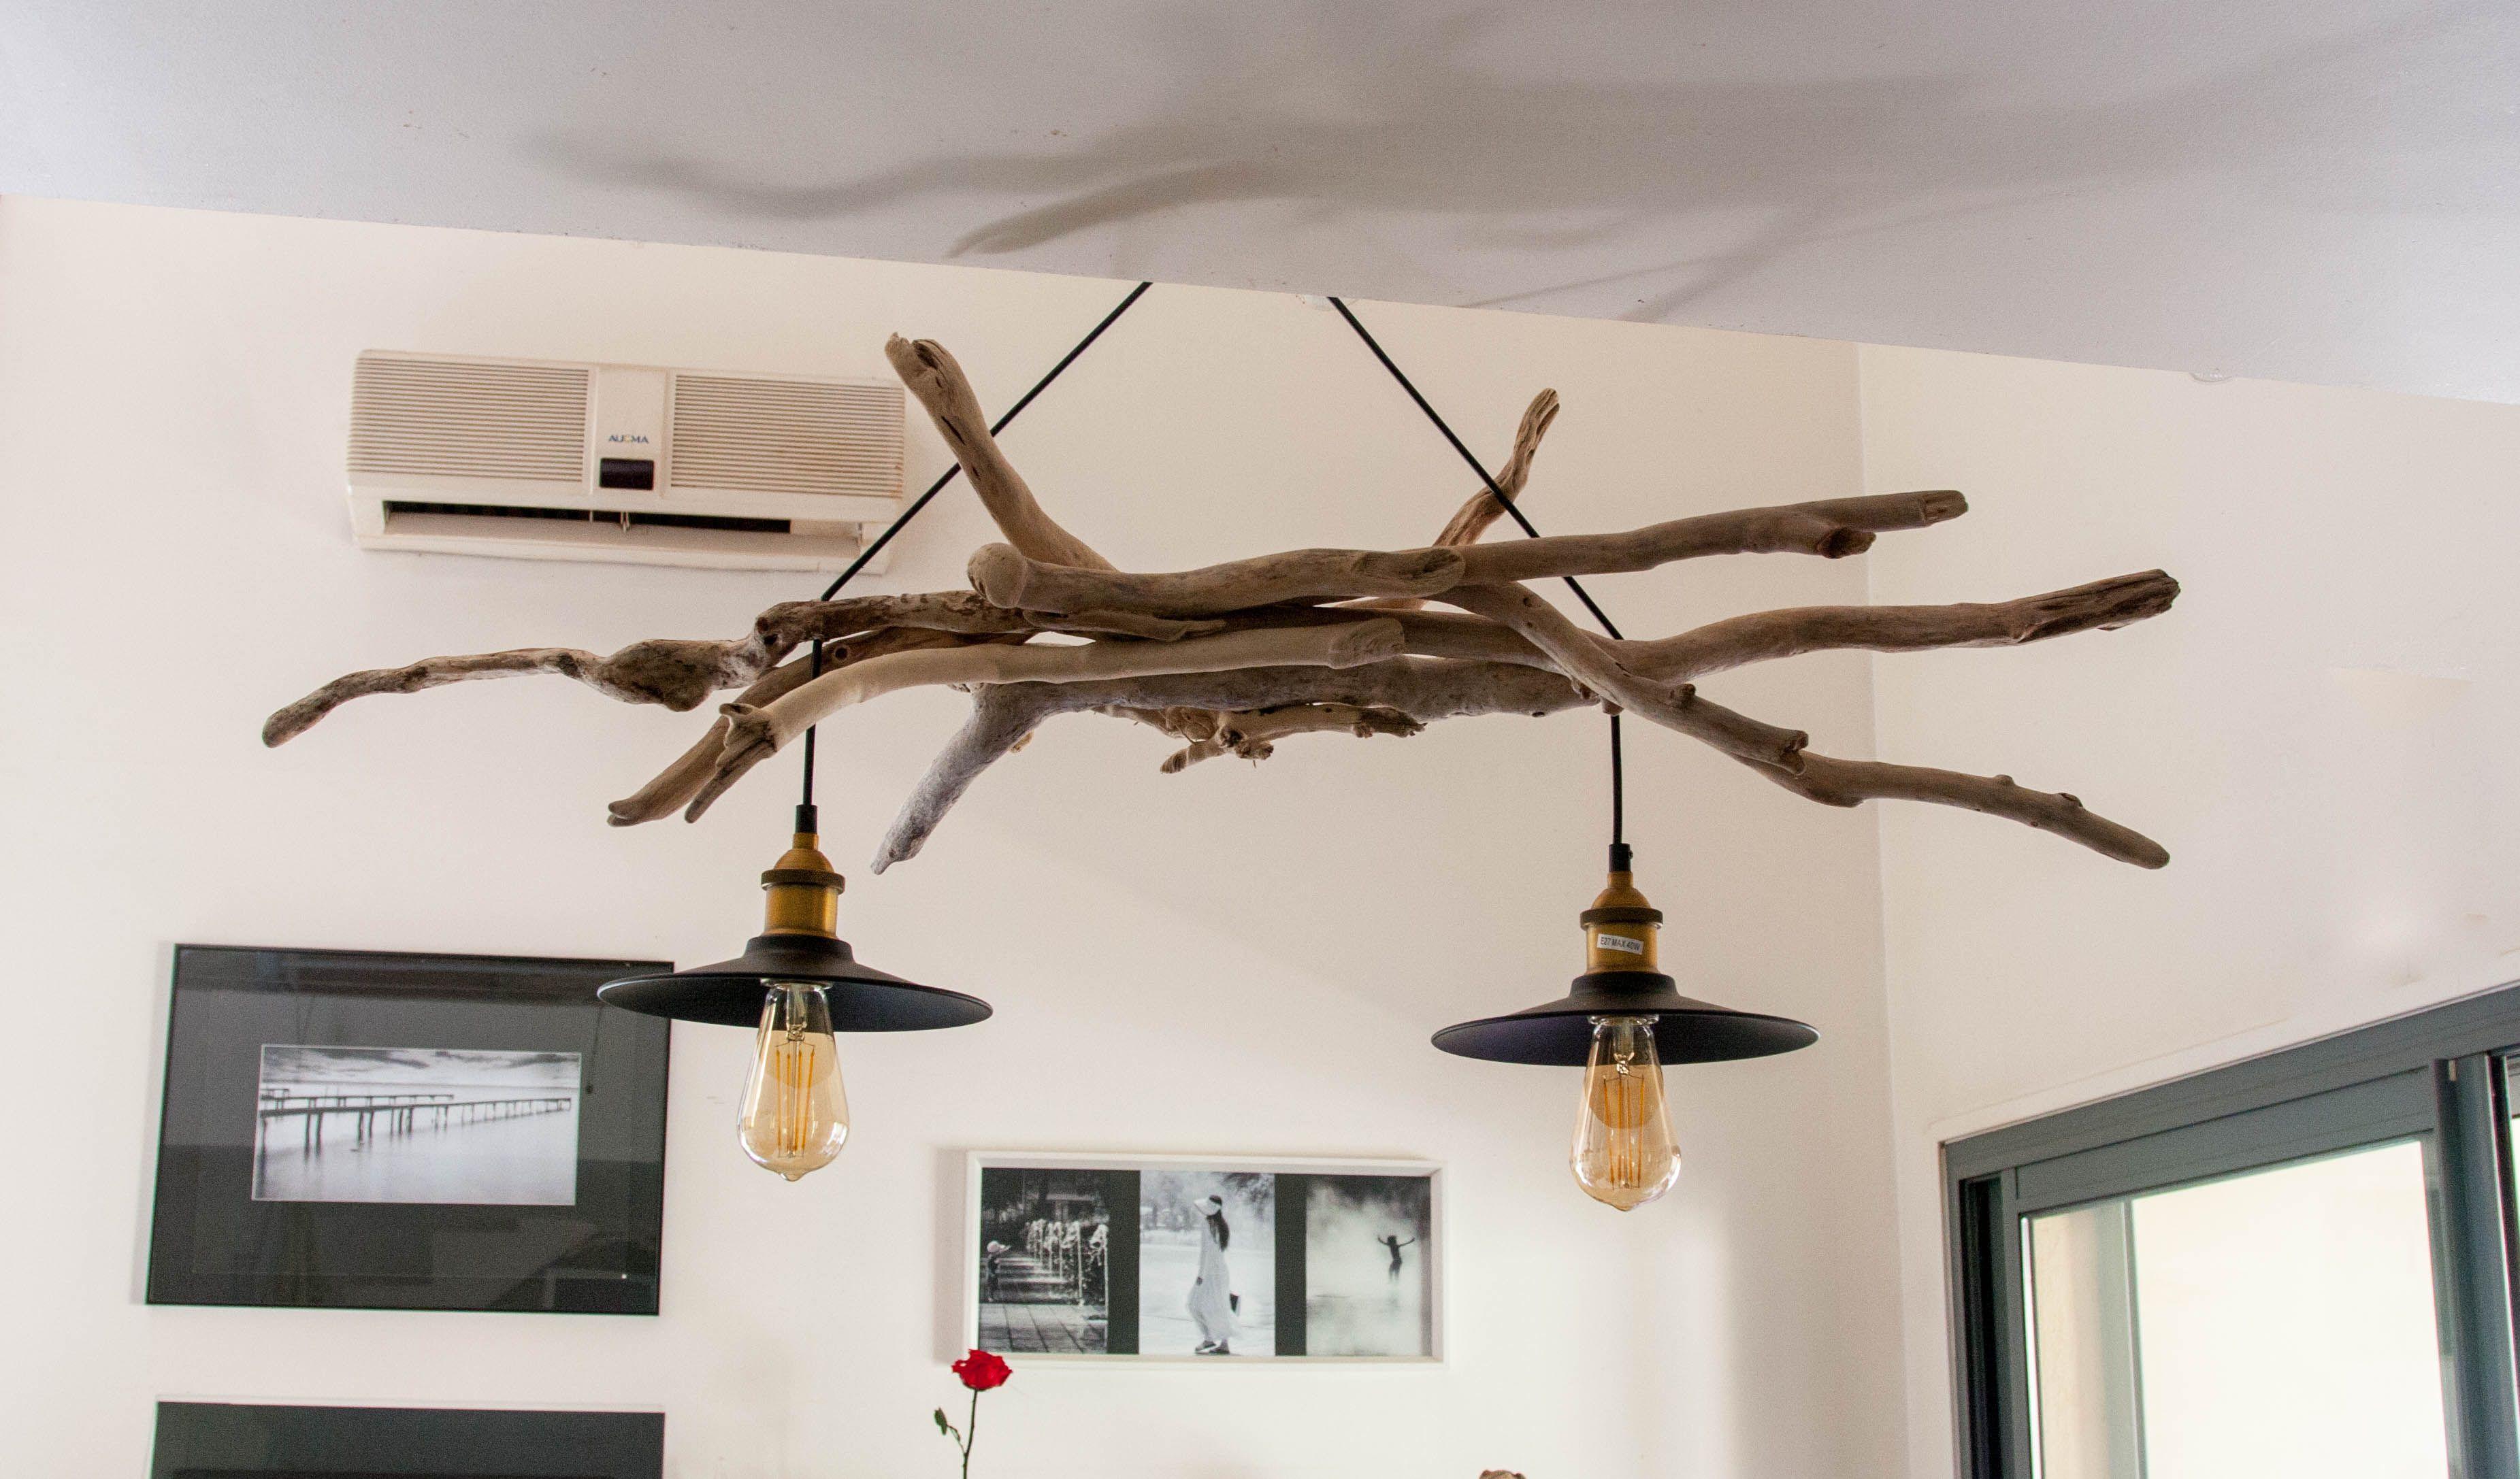 Original Lustre En Bois Flottes Avec 2 Suspension Style Industriel Lustre En Bois Flotte Lampe Bois Bois